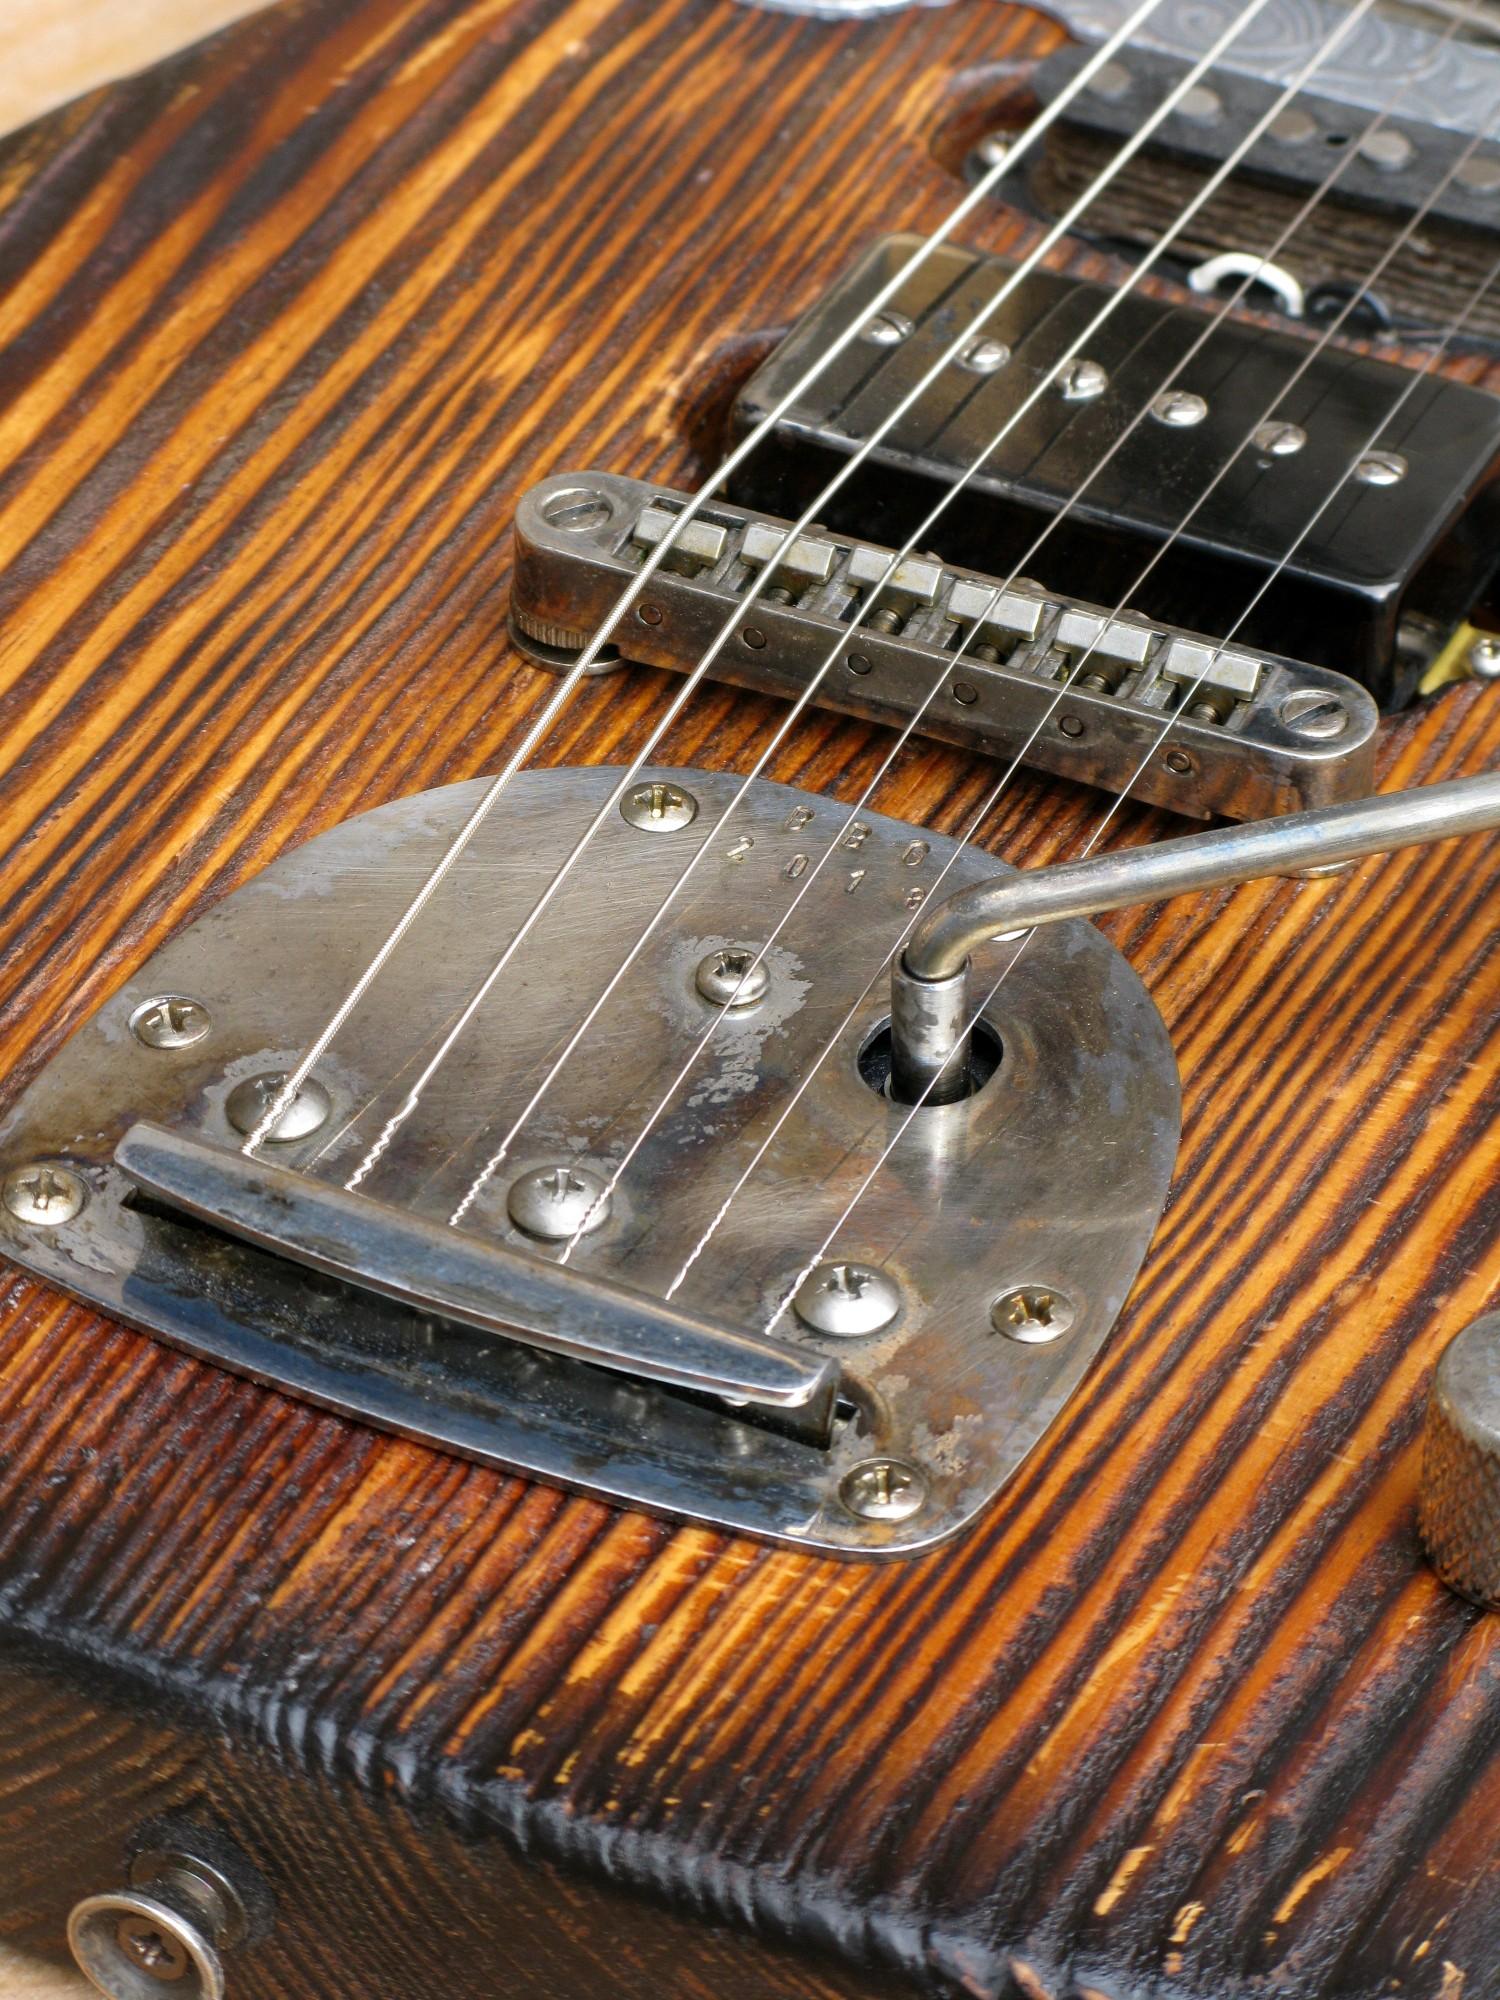 Chitarra modello Stratocaster, body in pino, manico in frassino, reverse: tremolo Jazzmster